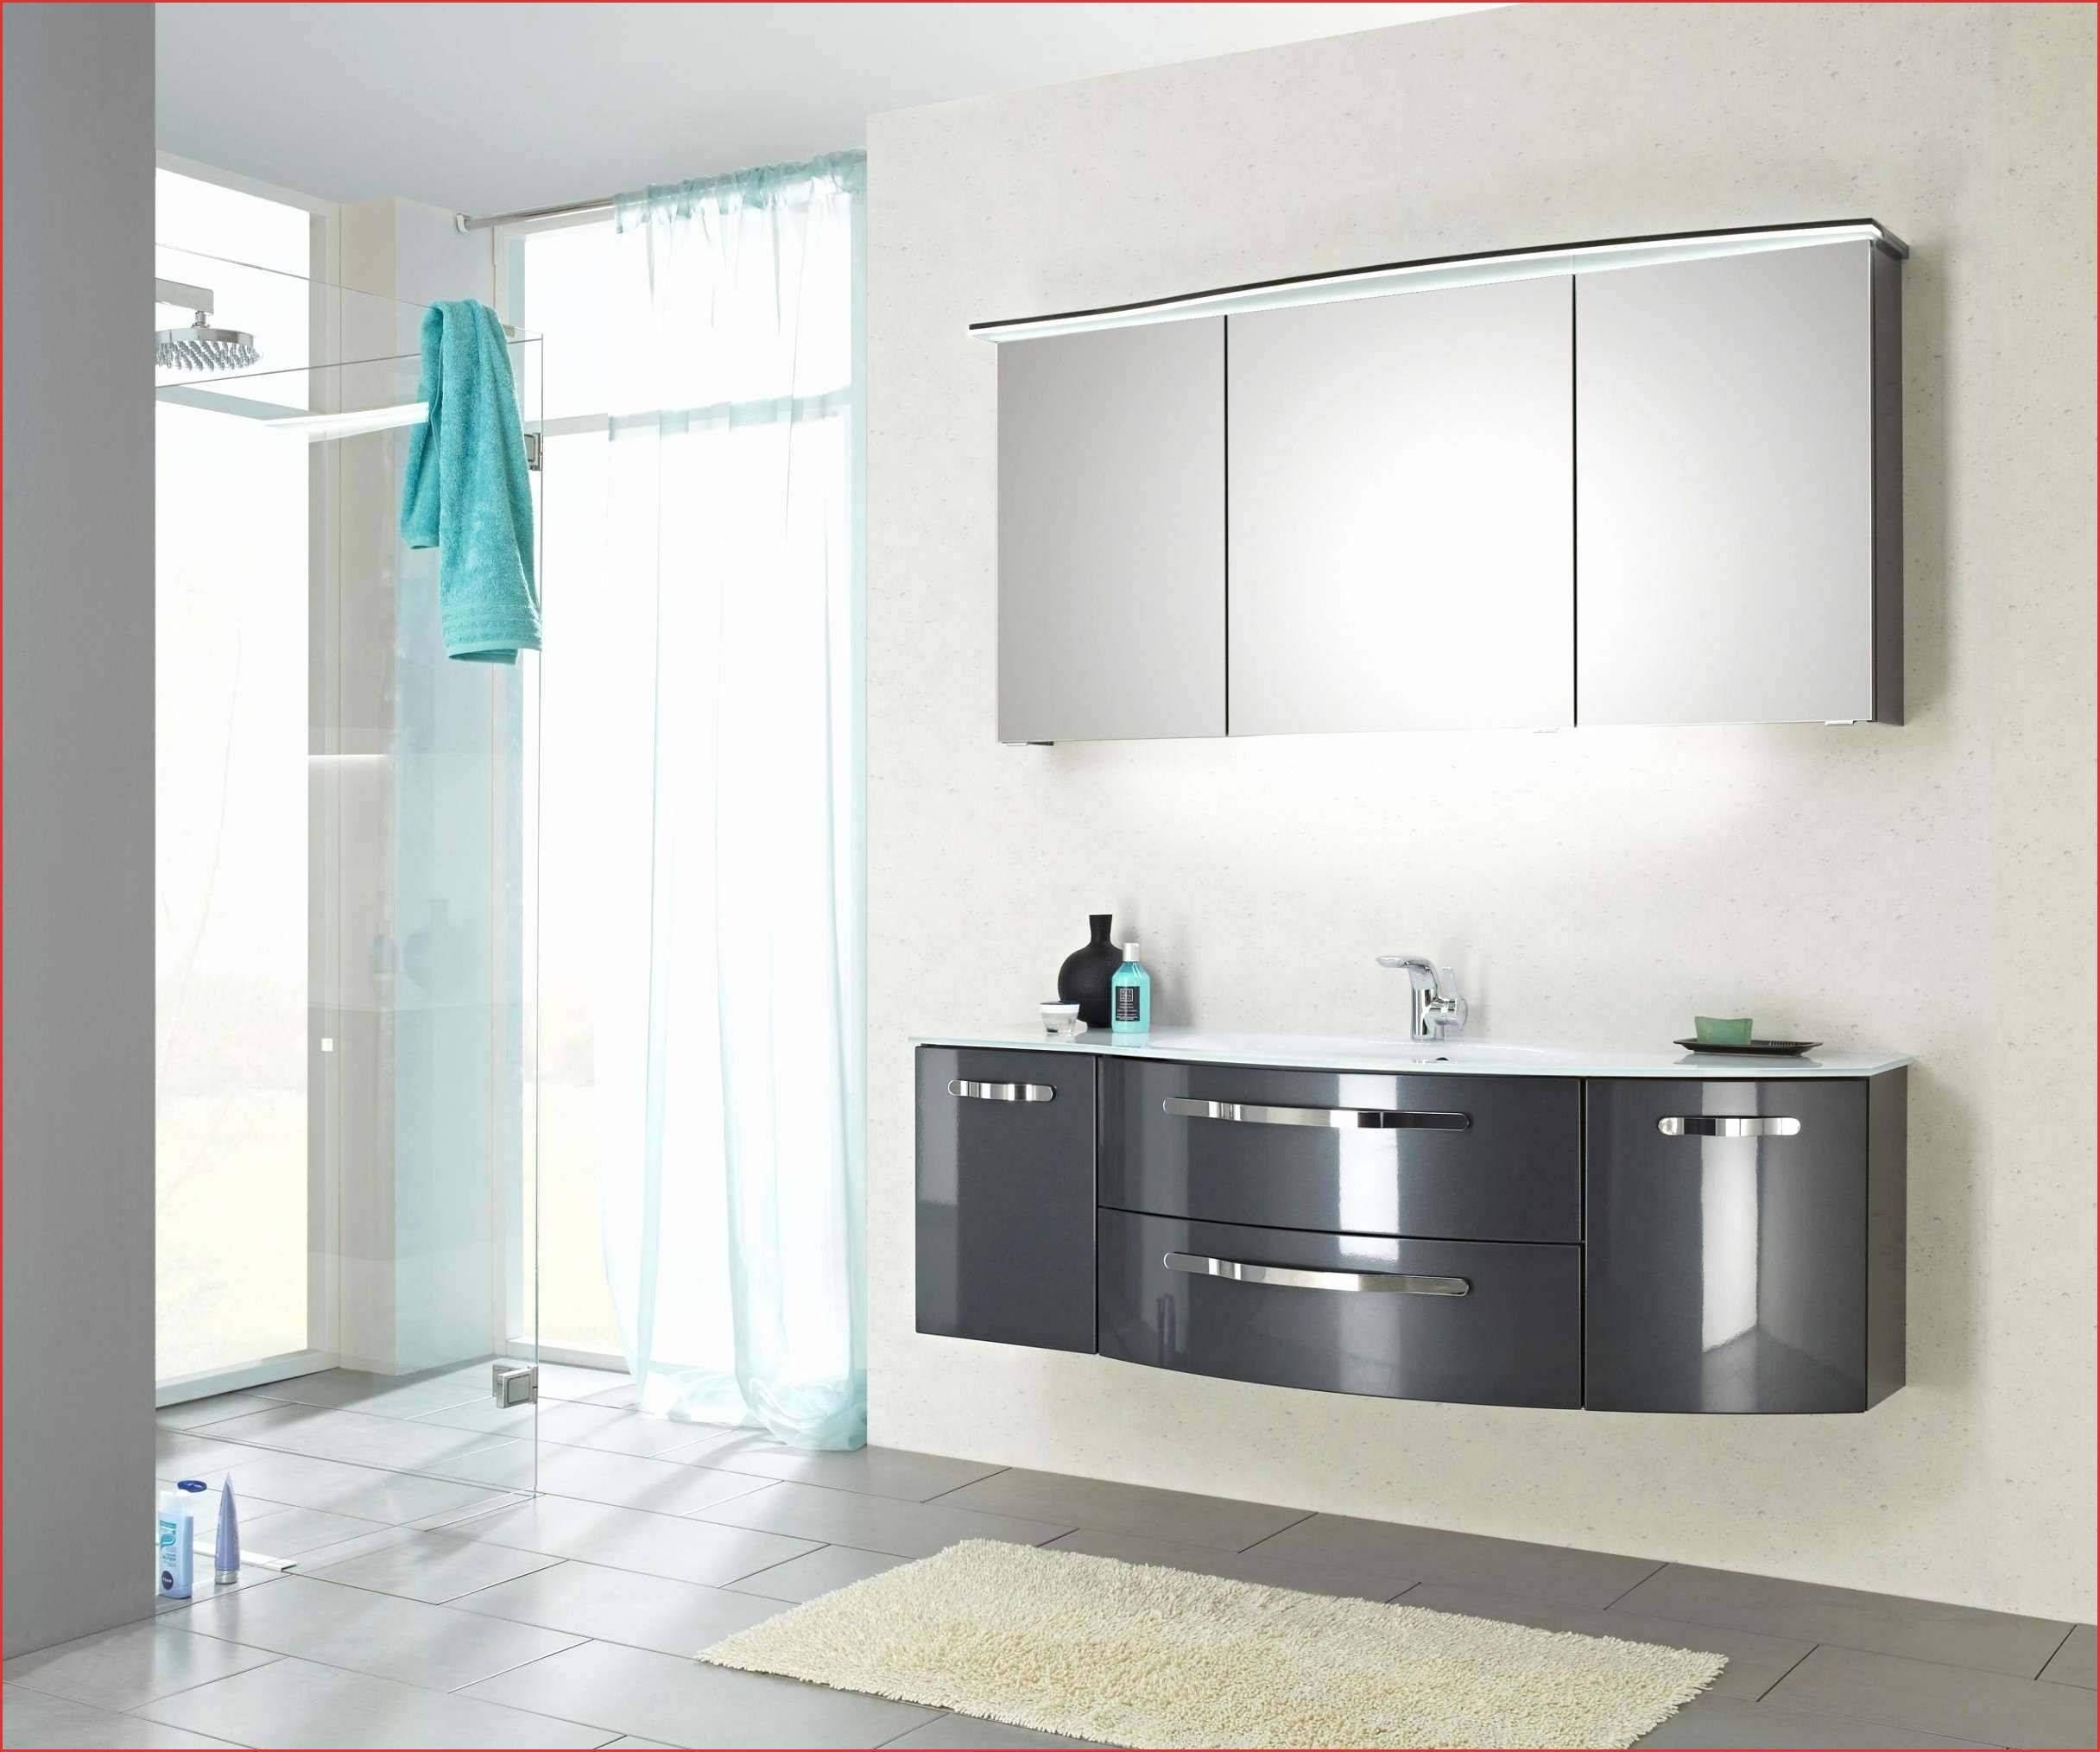 Full Size of 39 Luxus Ikea Hngeschrank Wohnzimmer Reizend Frisch Modulküche Küche Kosten Bad Hängeschrank Weiß Sofa Mit Schlaffunktion Badezimmer Kaufen Glastüren Wohnzimmer Hängeschrank Ikea